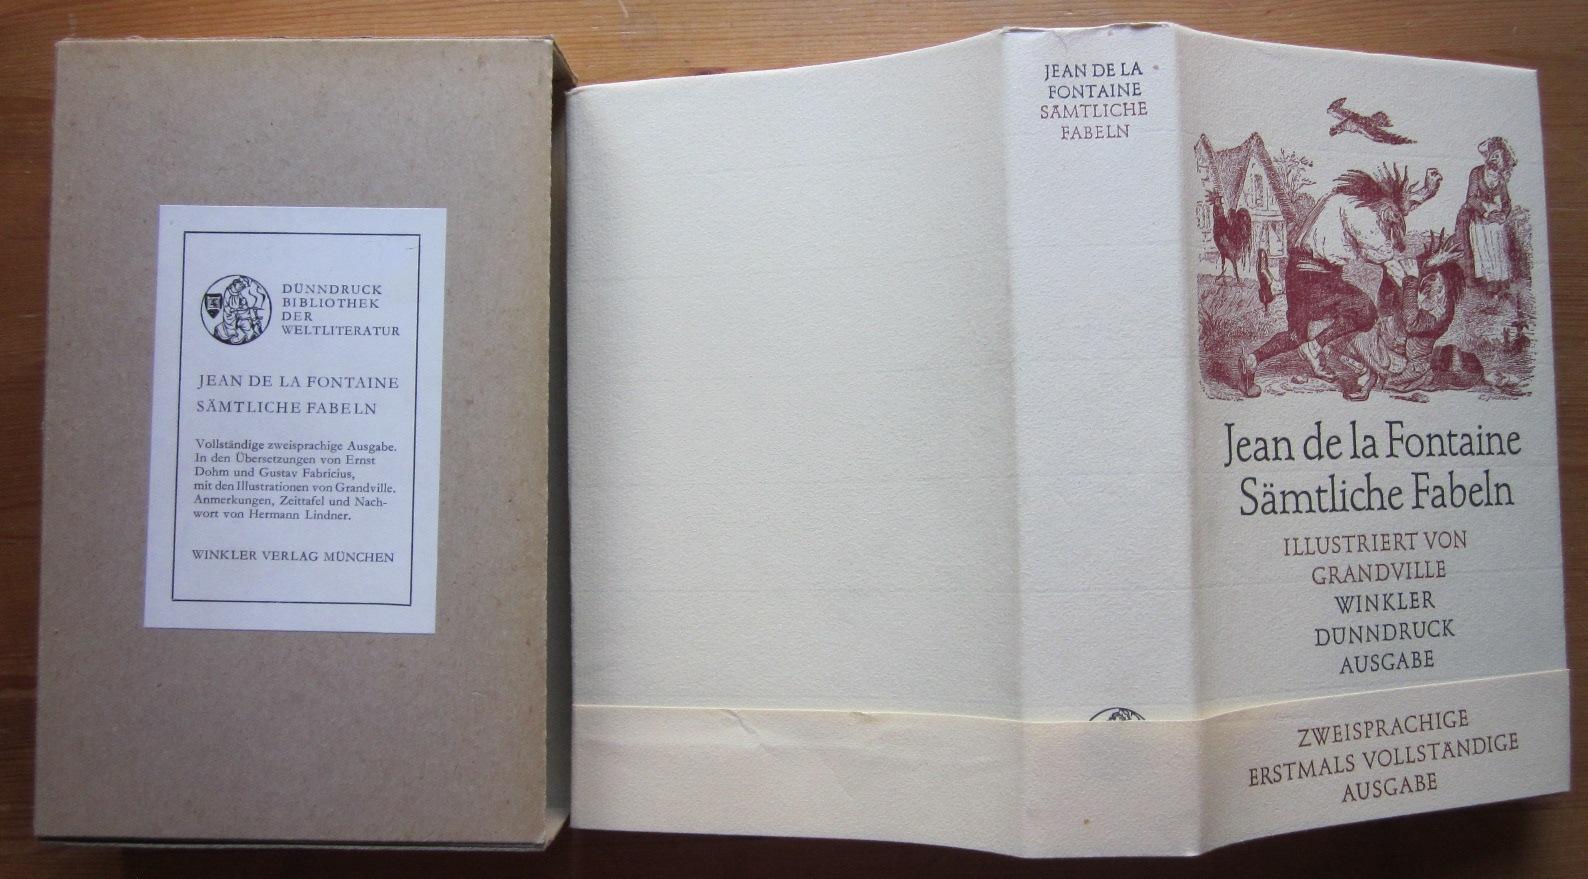 Sämtliche Fabeln. Illustriert von Grandville. Zweisprachige Ausgabe.: Fontaine, Jean de